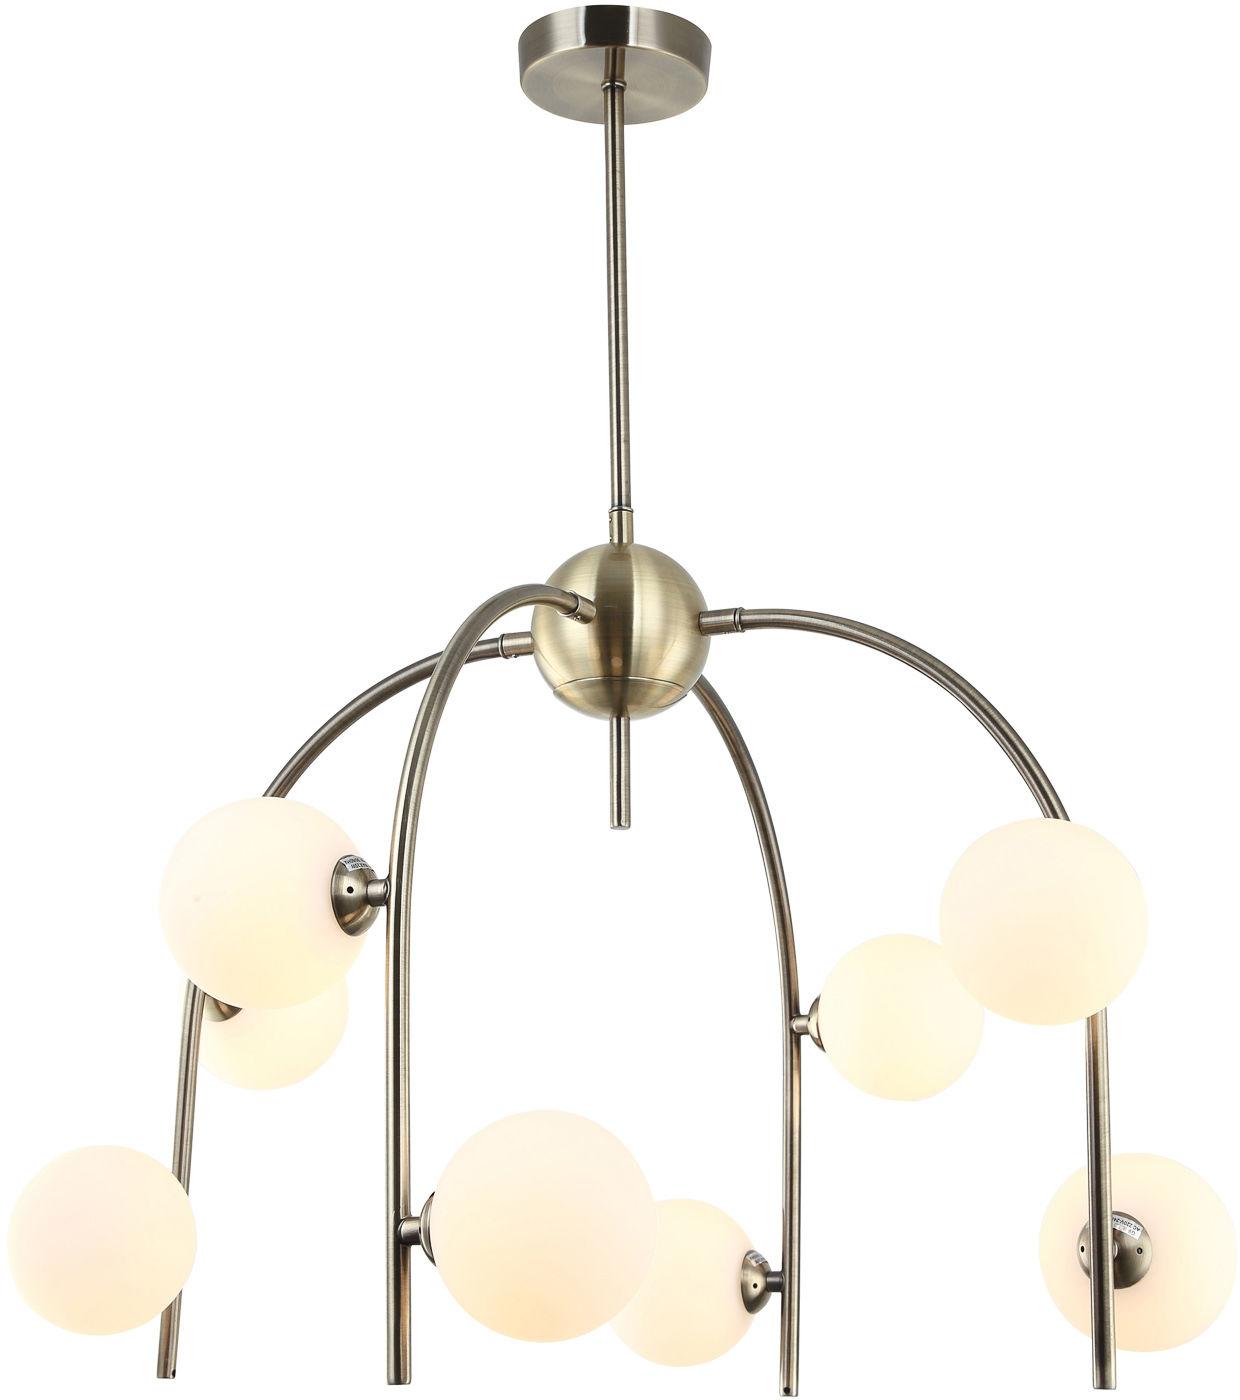 Italux lampa wisząca Celine MDM-3800/8 AB+W antyczny brąz szklane klosze 56cm